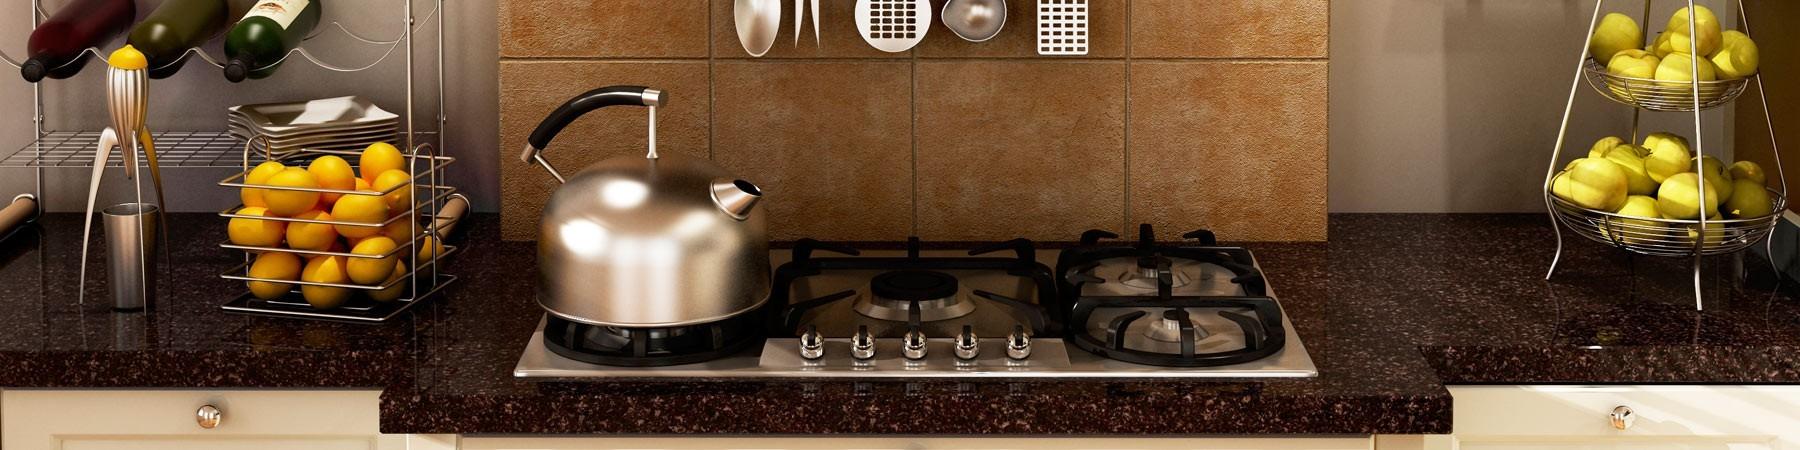 Máy rửa bát dùng cho phòng bếp gia đình, khách sạn. Tiện ích, hiện đại